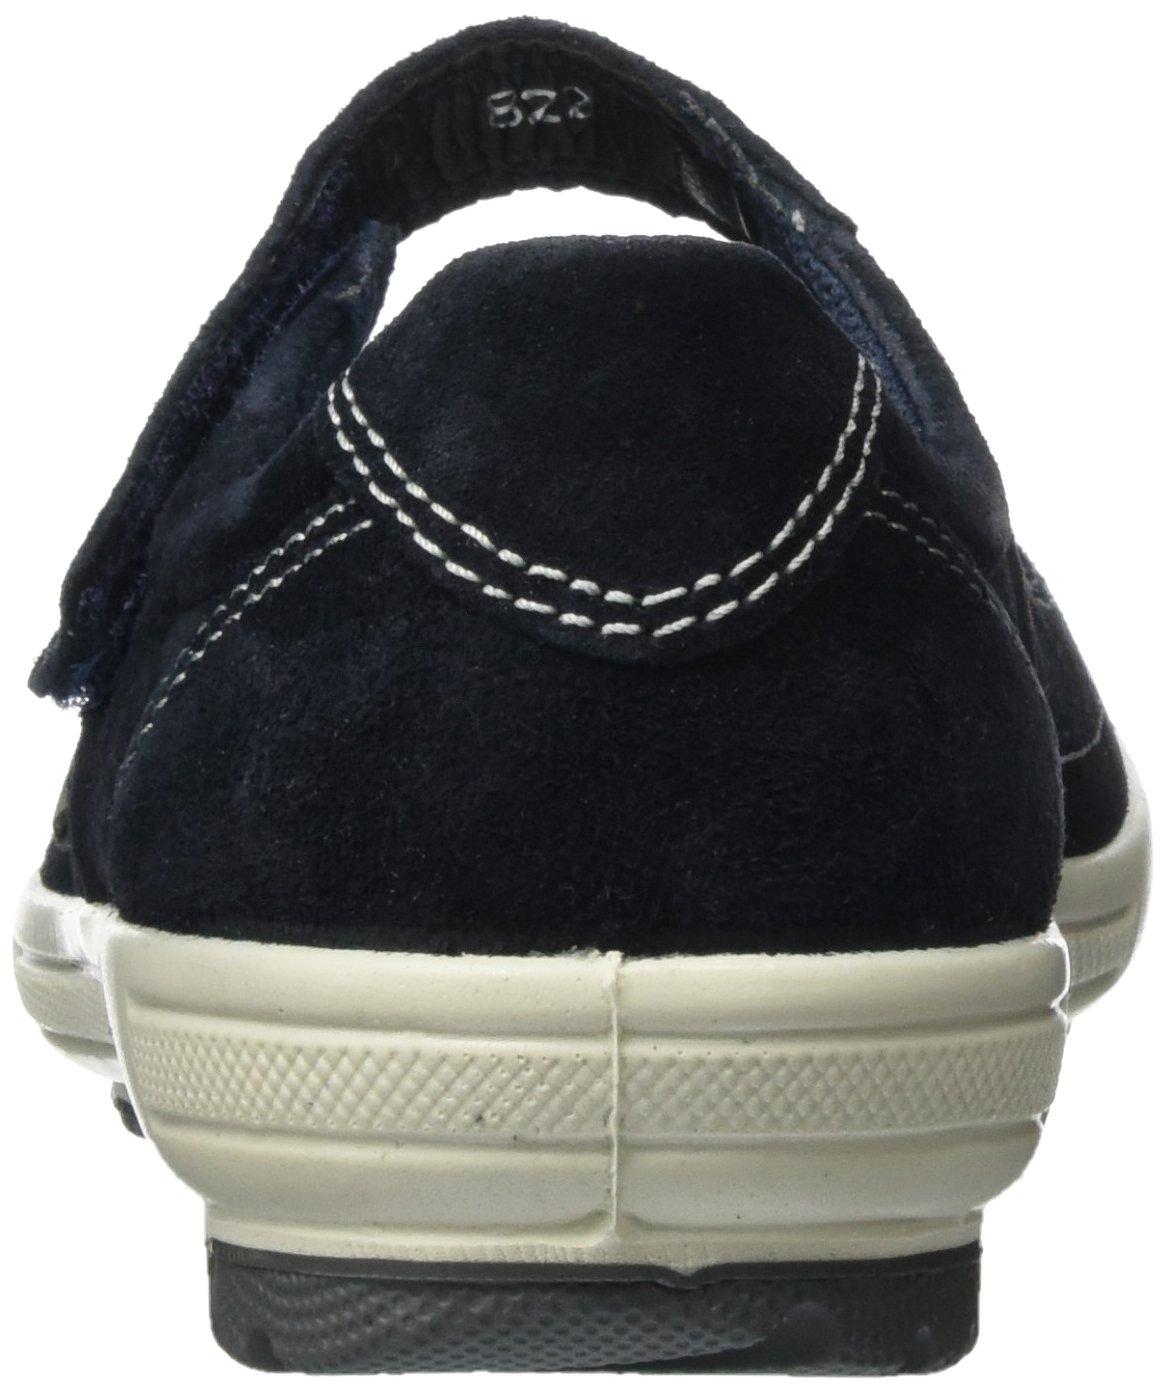 Legero Tanaro, Damen Blau Geschlossene Ballerinas, Blau Damen (Pacific 80) 003245